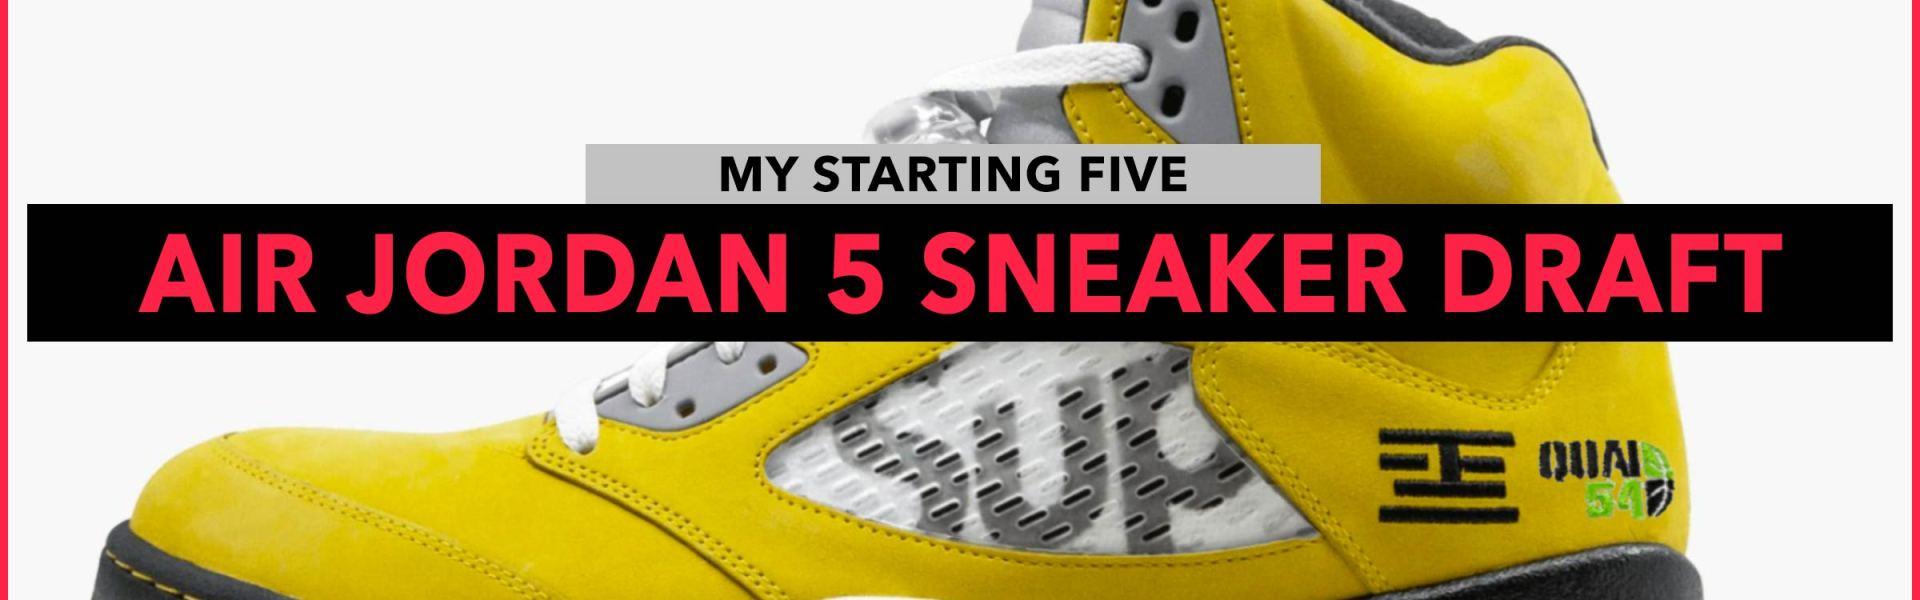 Air Jordan 5 My Starting Five